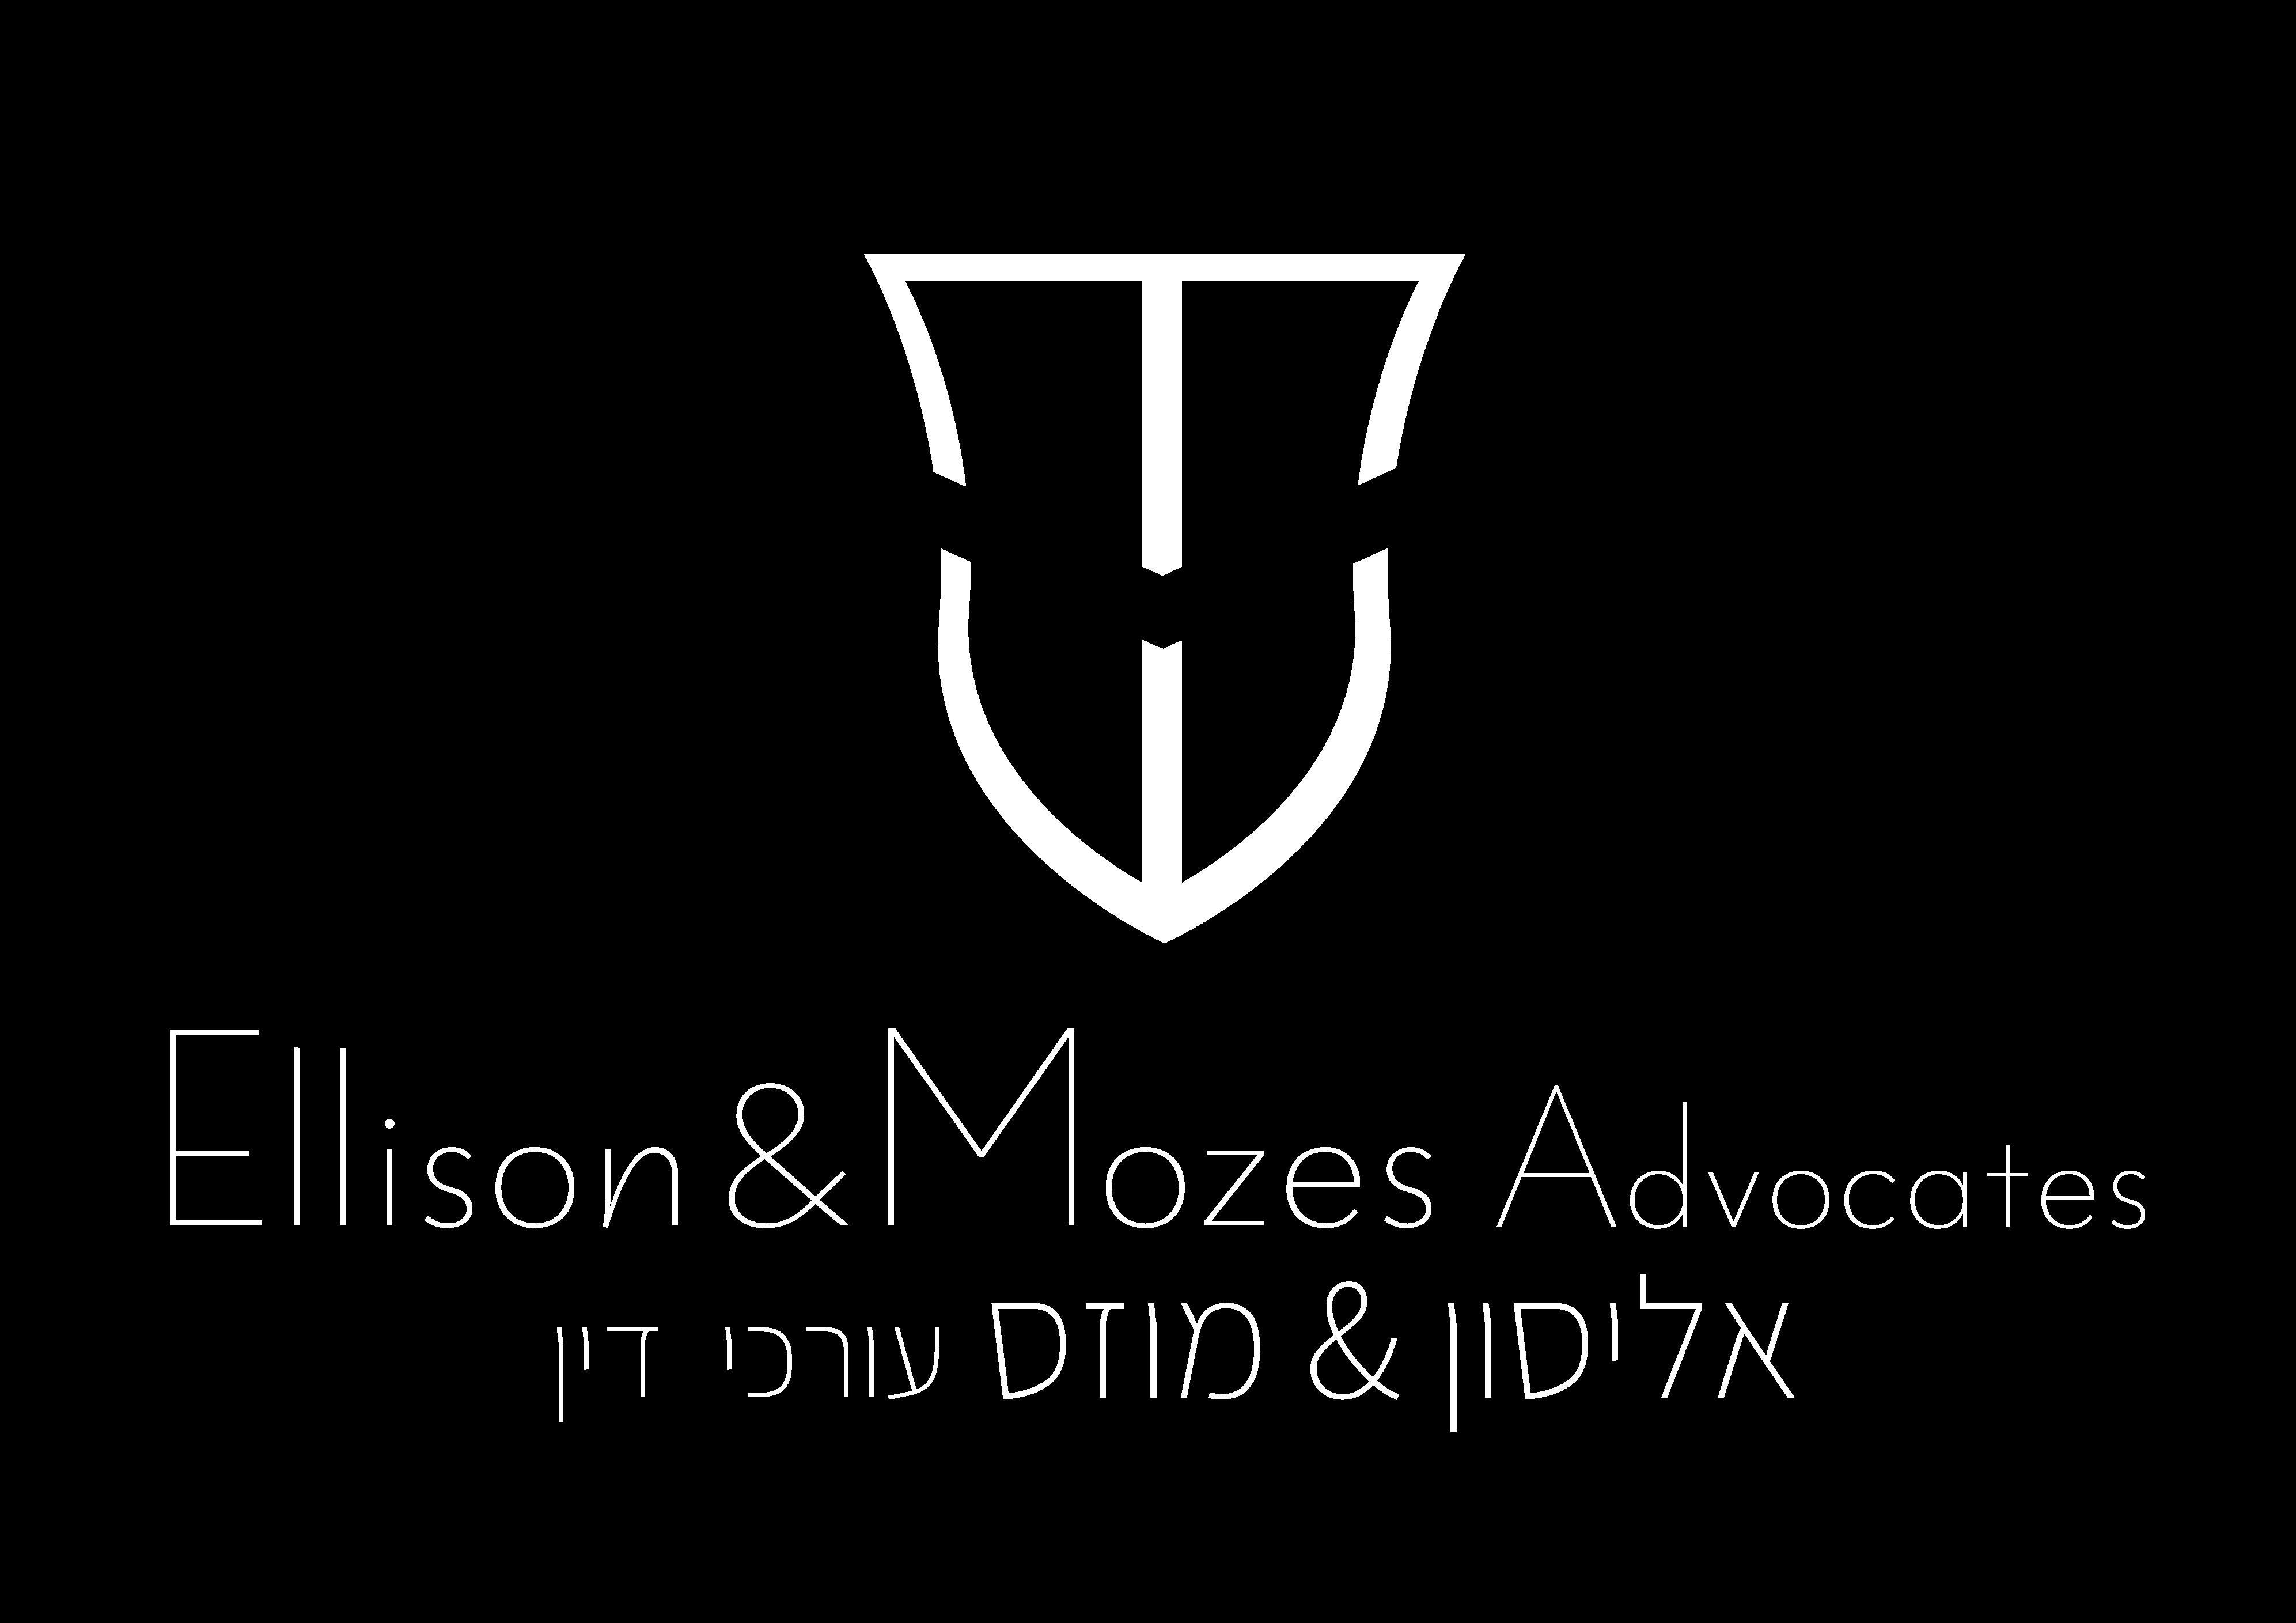 הגירה לישראל - אליסון&מוזס - משרד עורכי דין - דף הבית